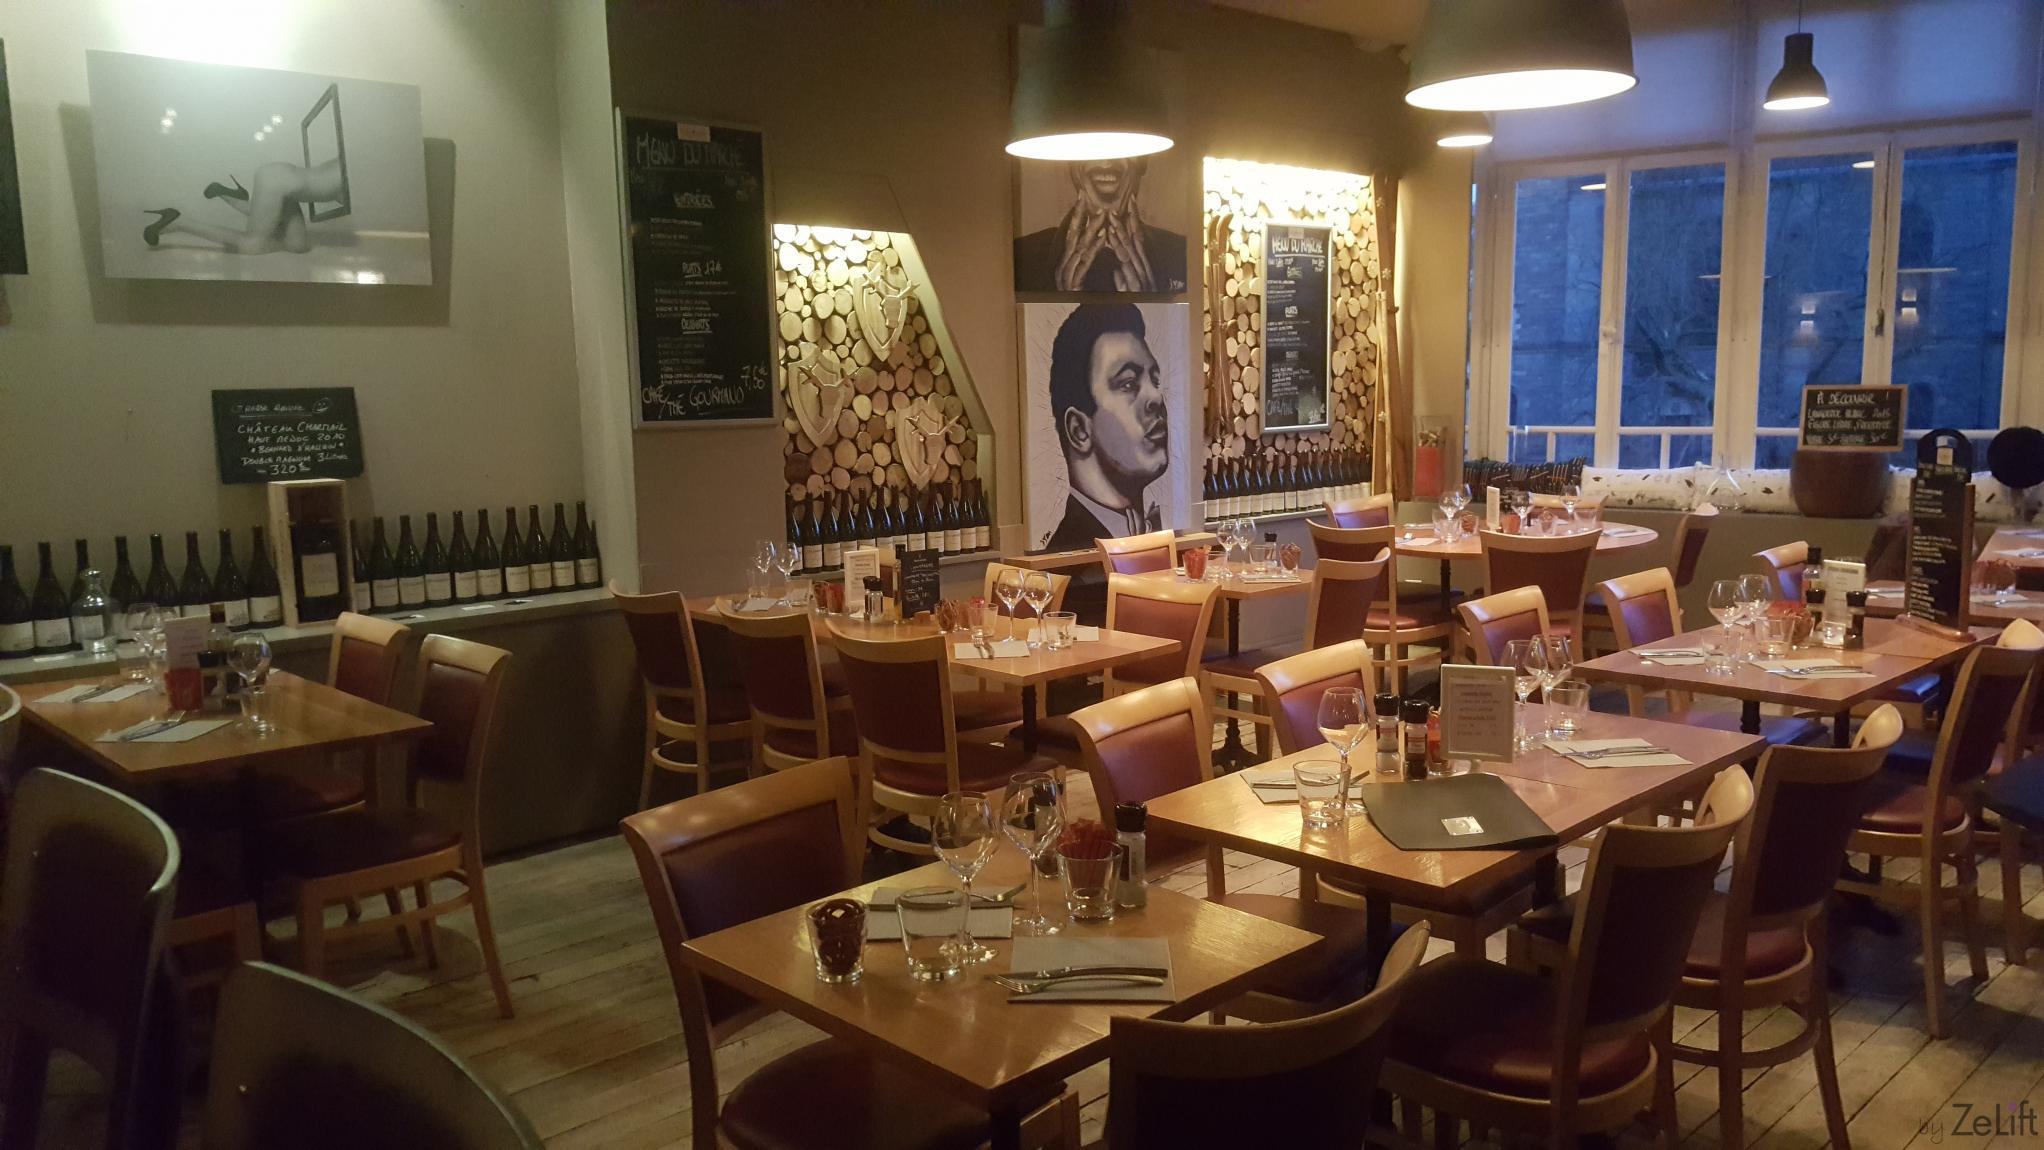 Le bistronome bistronomique cuisine fran aise metz byzelift - Restaurants place de chambre metz ...